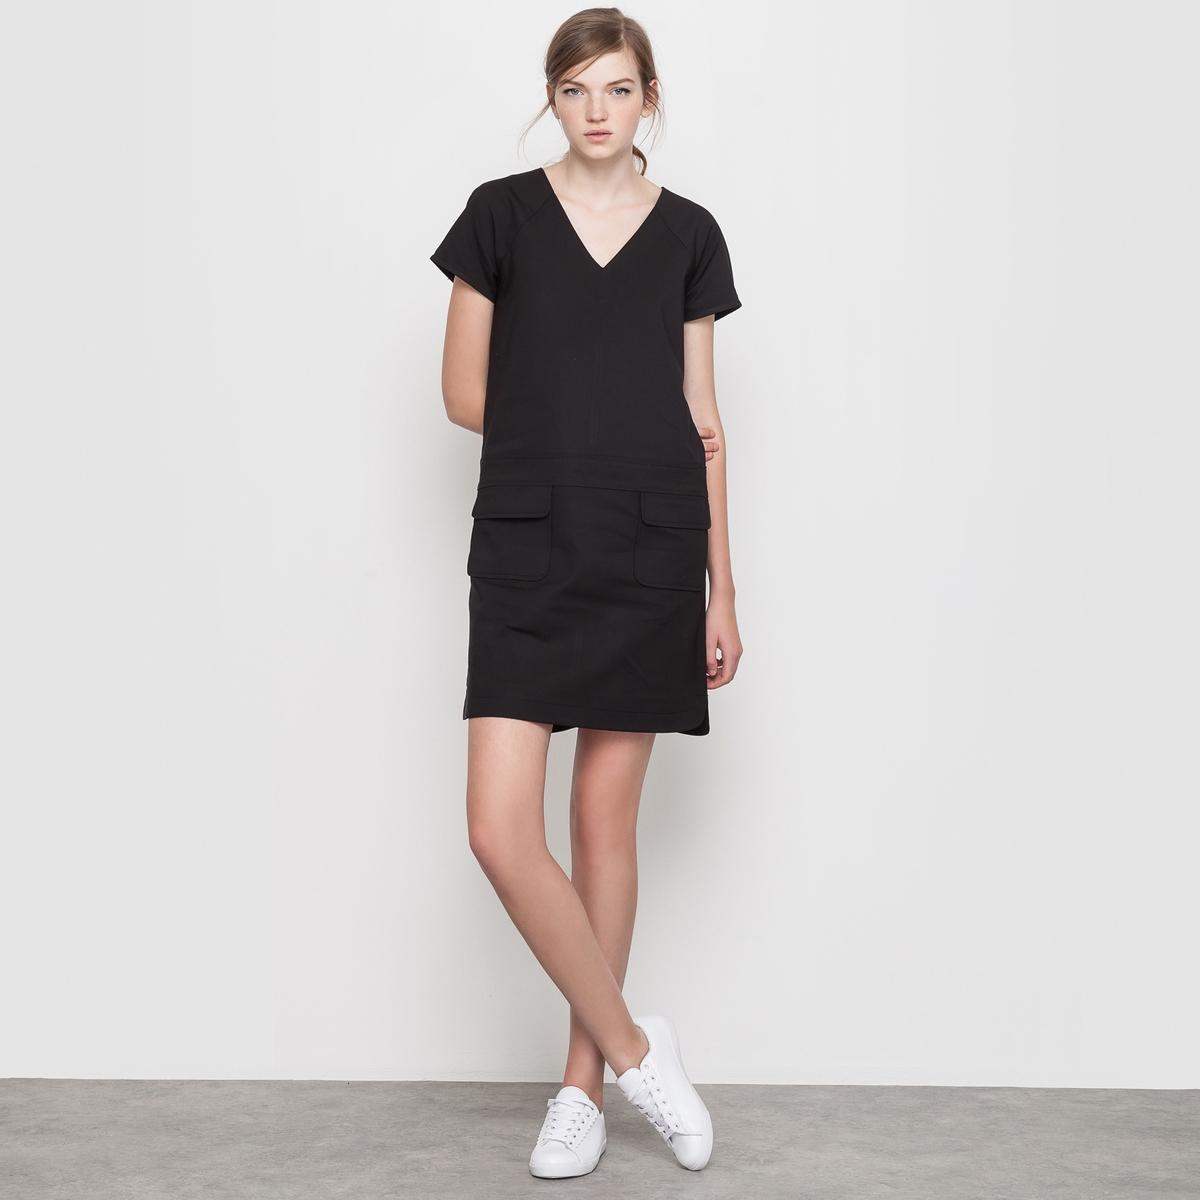 Платье-трапецияПлатье покроя трапеция. Очаровательное и удобное при носке  . Короткие рукава реглан, V-образный вырез, вставка на уровне пояса, 2 накладных кармана с клапанами спереди  . Низ, как у рубашки, закругленные по бокам вырезы, спинка немного длиннее . Состав и описание :Материал : трикотаж милано 45% полиэстера, 51% хлопка, 4% эластана Длина : 92 смМарка : Mademoiselle R УходМашинная стирка при 30°<br><br>Цвет: черный<br>Размер: 34 (FR) - 40 (RUS)